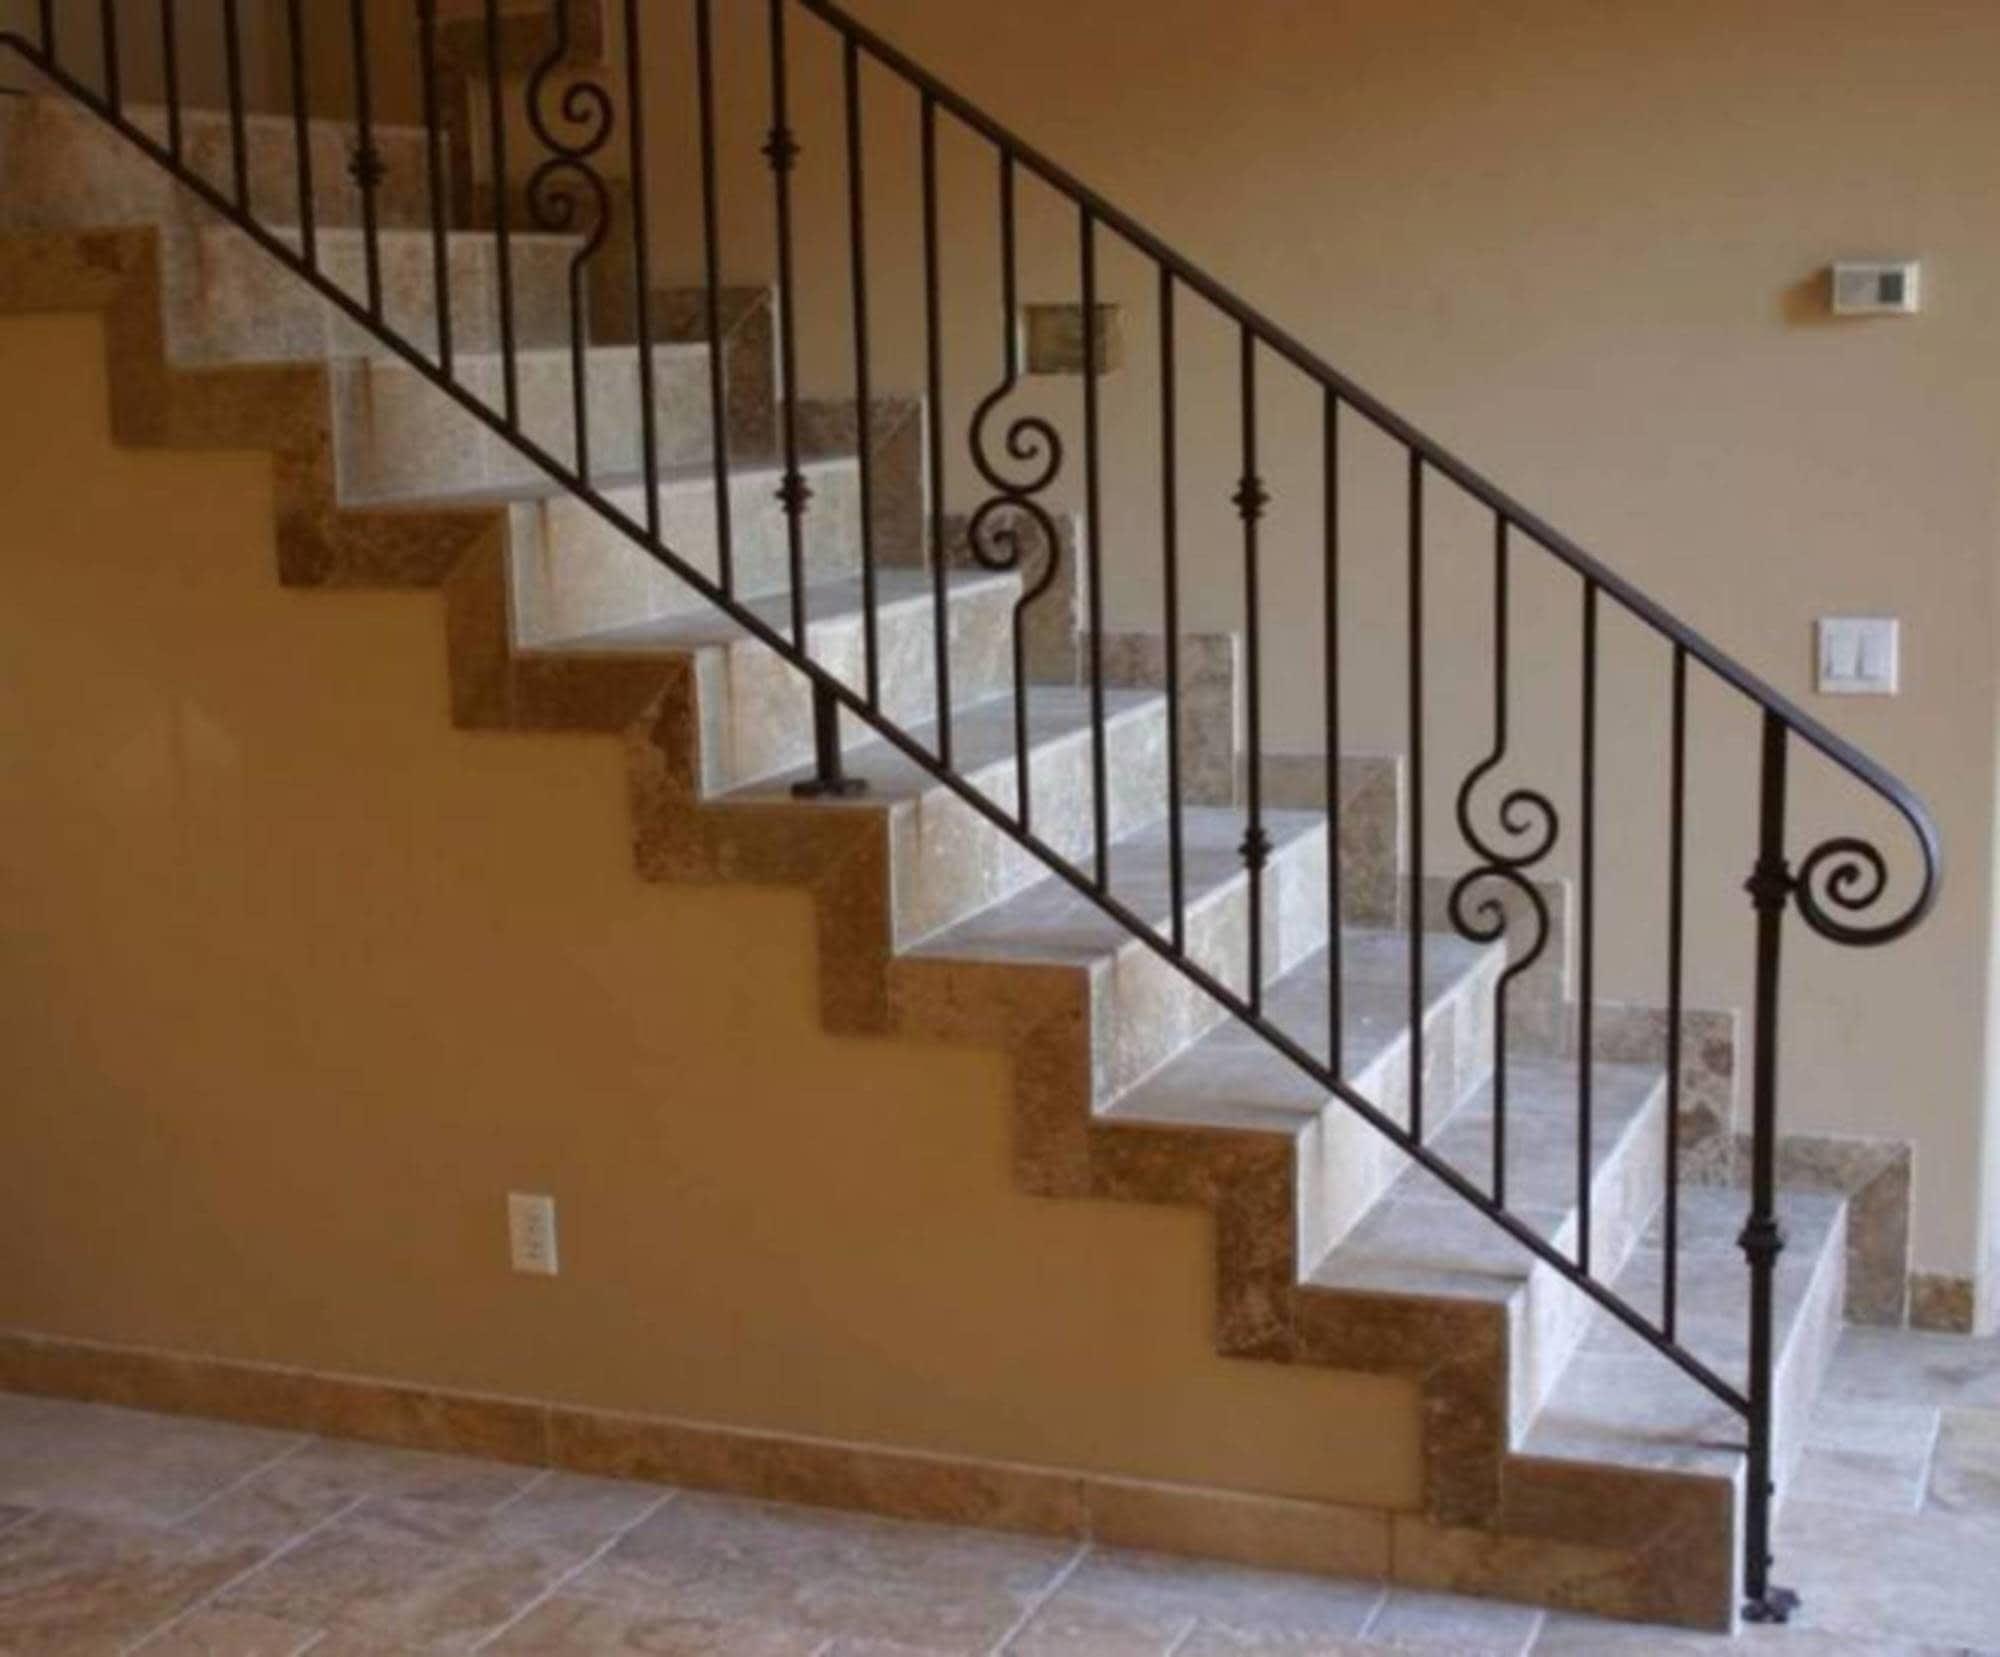 Escaleras Y Barandas Aludimar Carpinter A Met Lica ~ Barandas De Hierro Para Escaleras Interiores